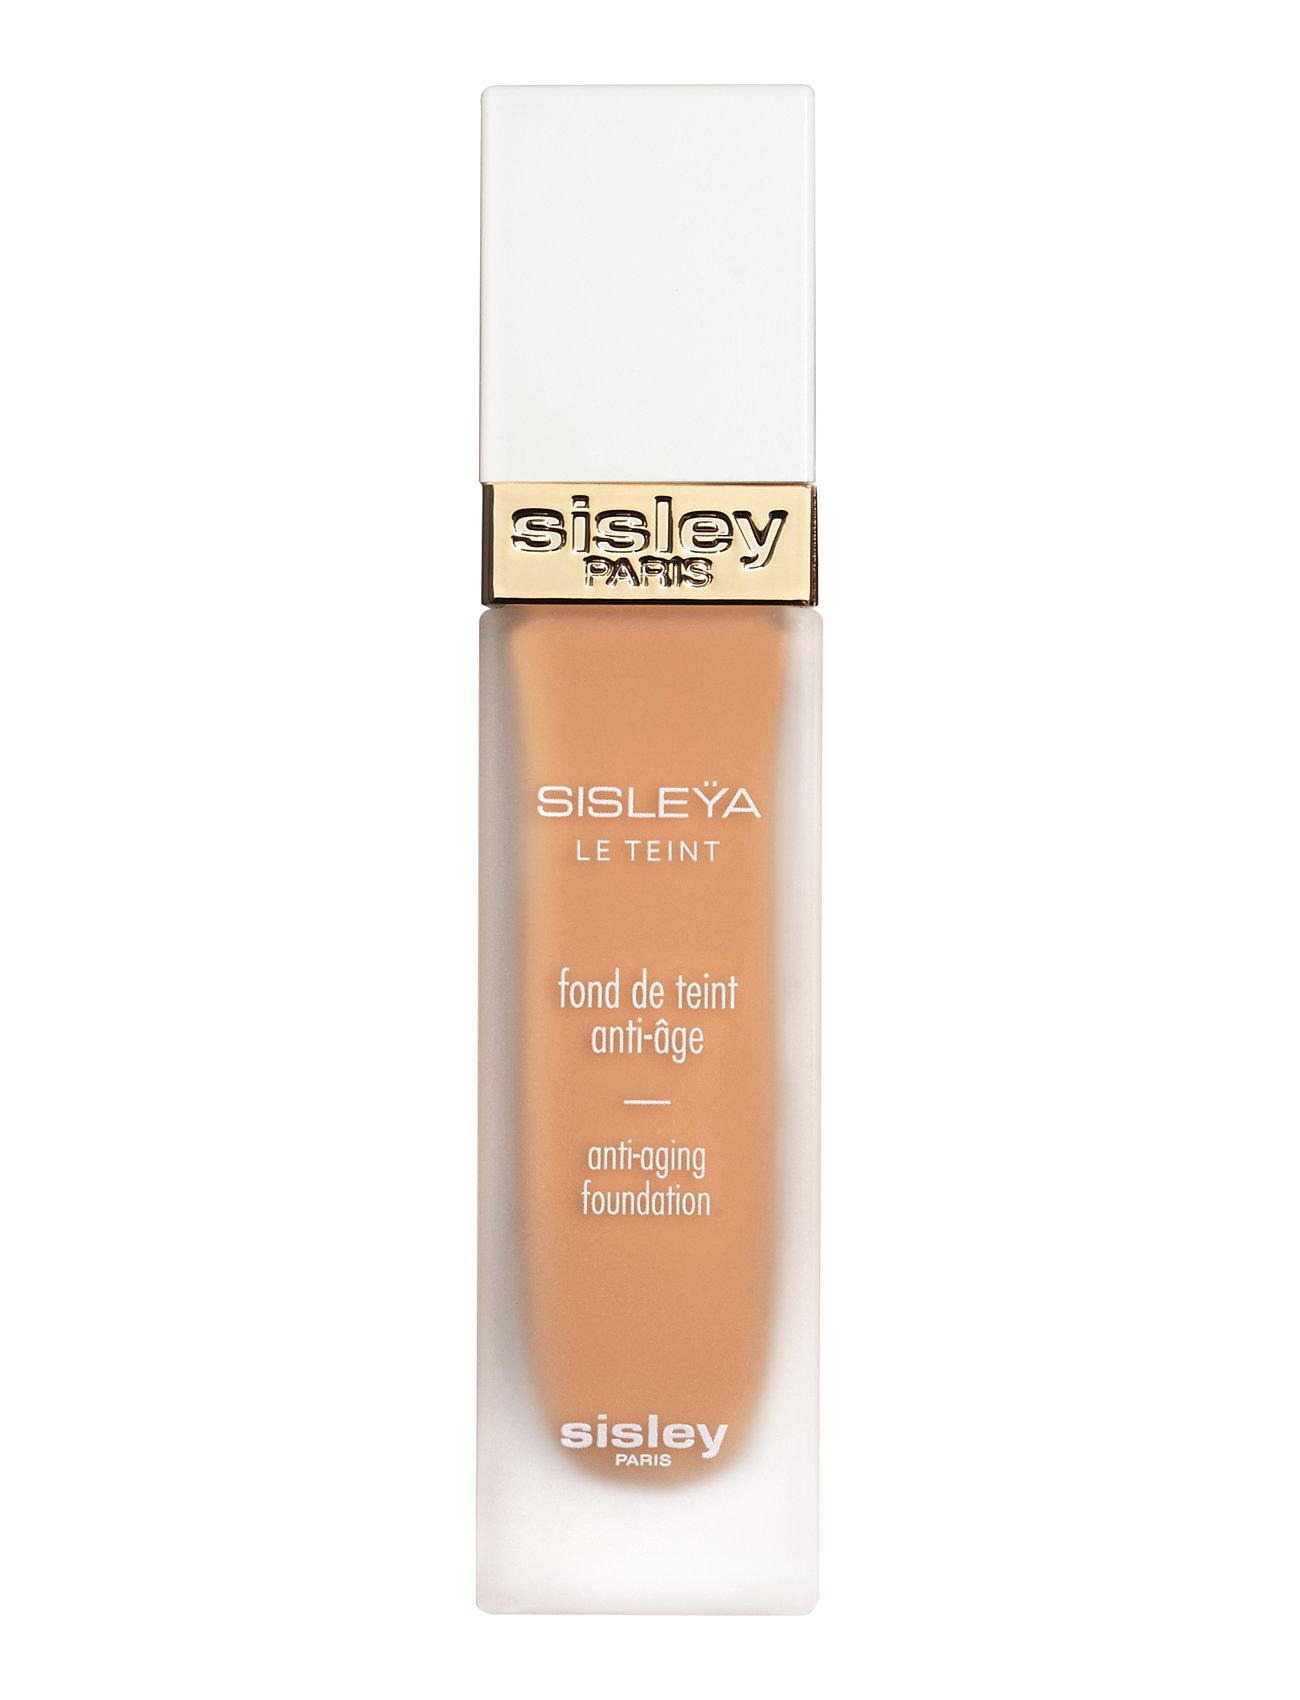 Image of Sisleya Le Teint 4 B Chestnut 30ml Foundation Makeup Sisley (3490035991)